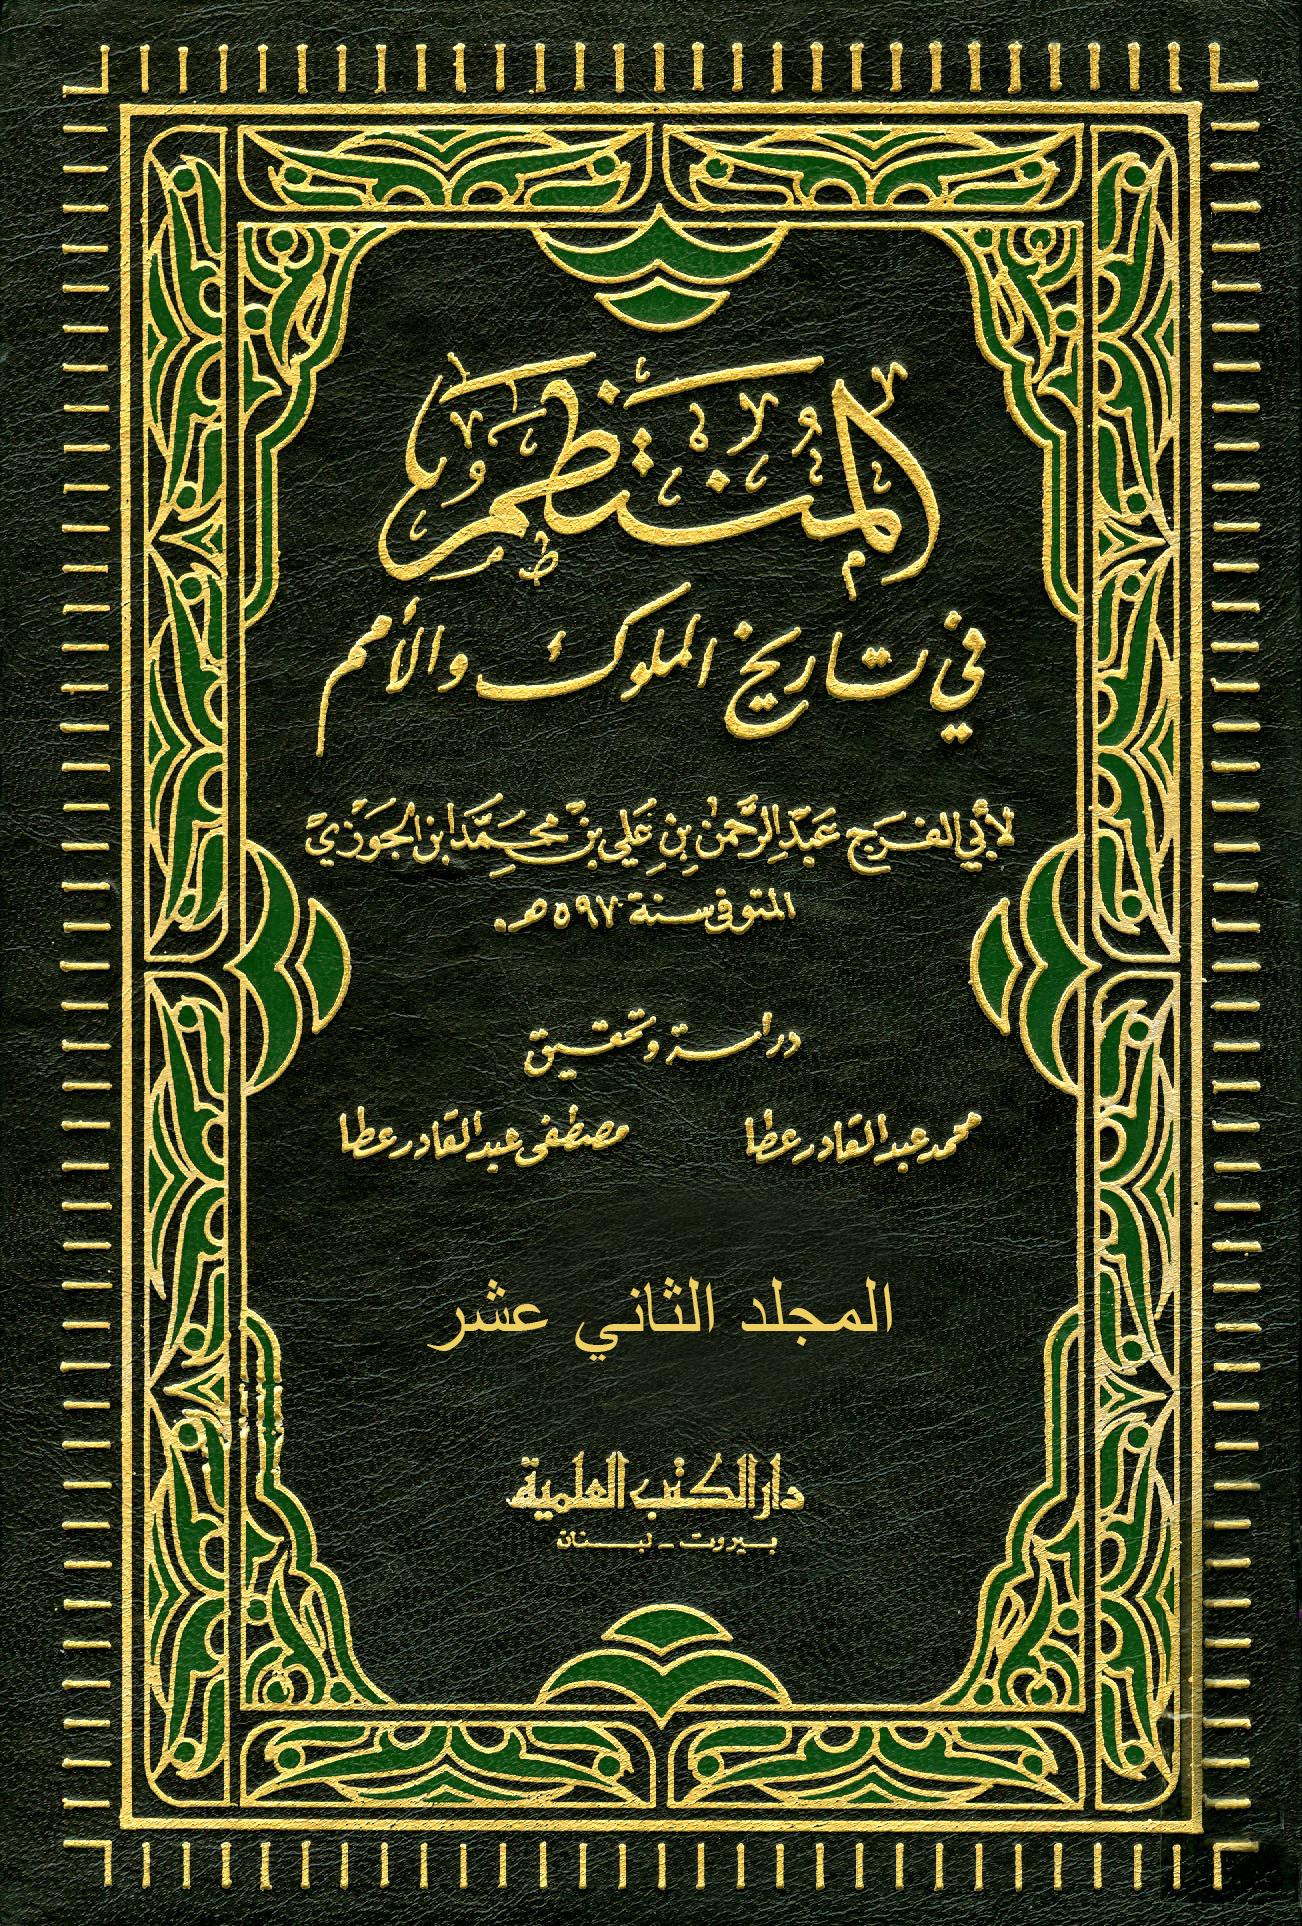 المنتظم في تاريخ الملوك والأمم - م 12 (248 هـ - 289 هـ)